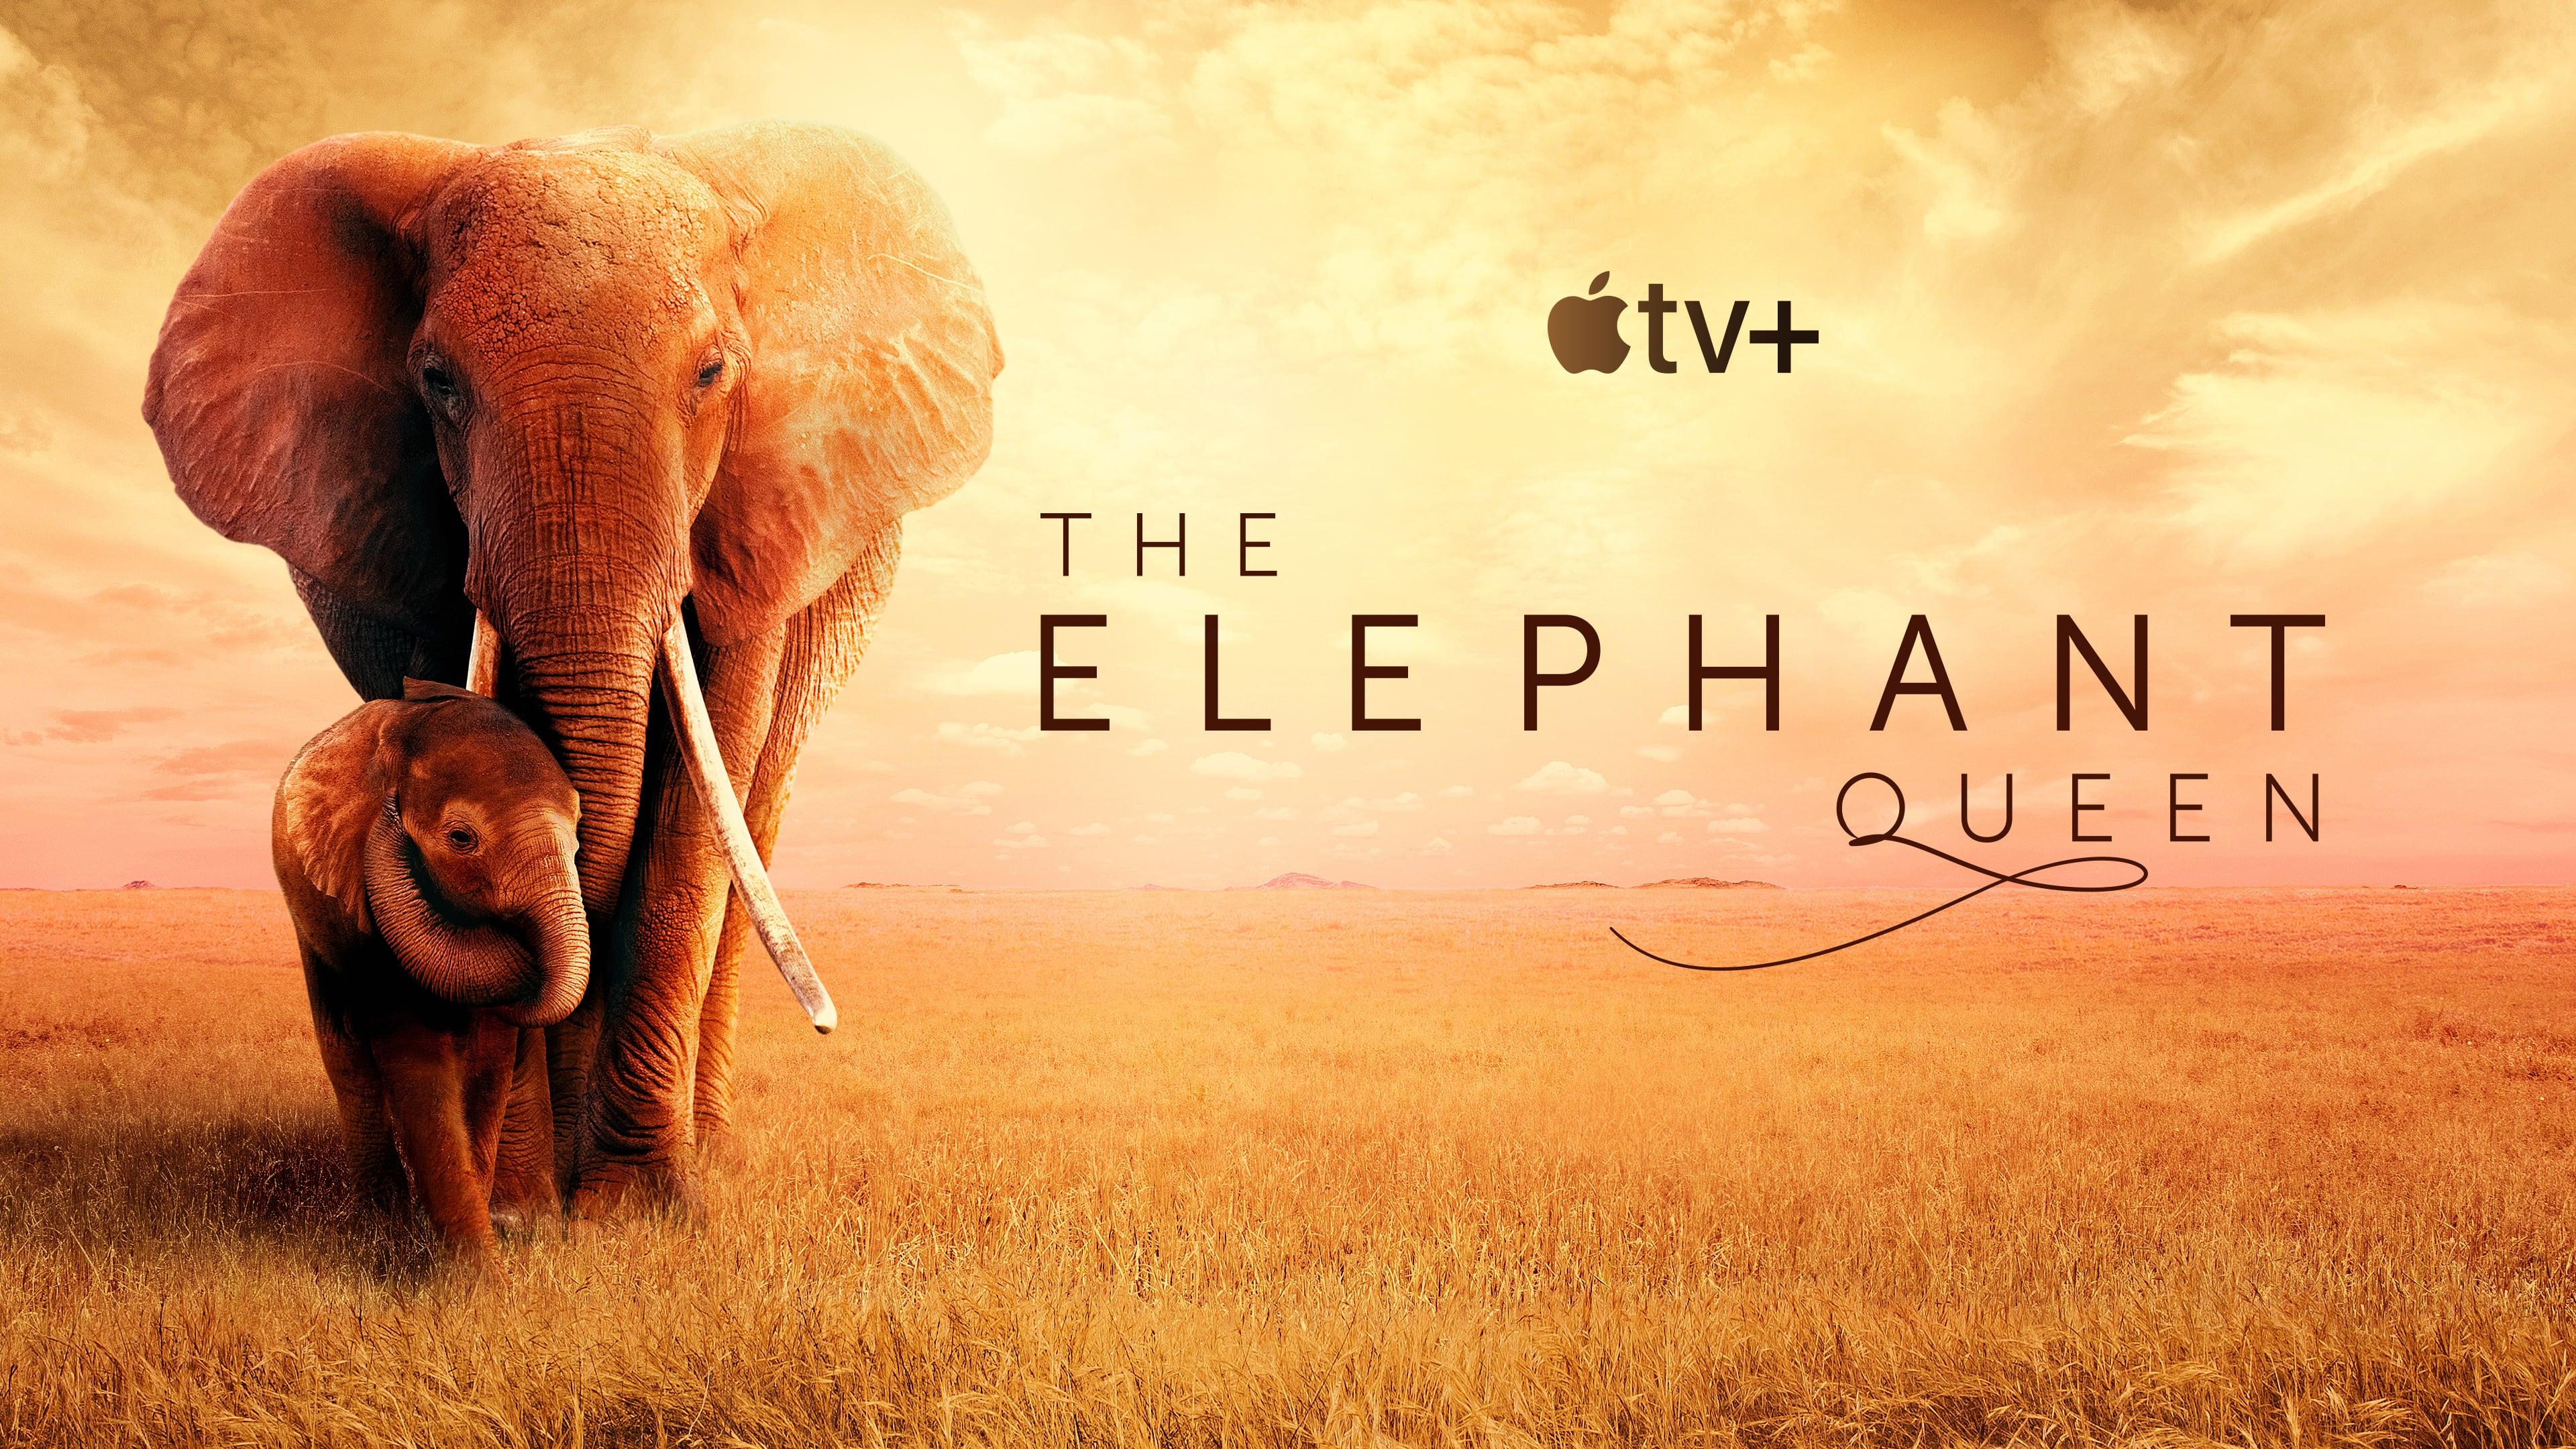 超越滿分的《大象女王》